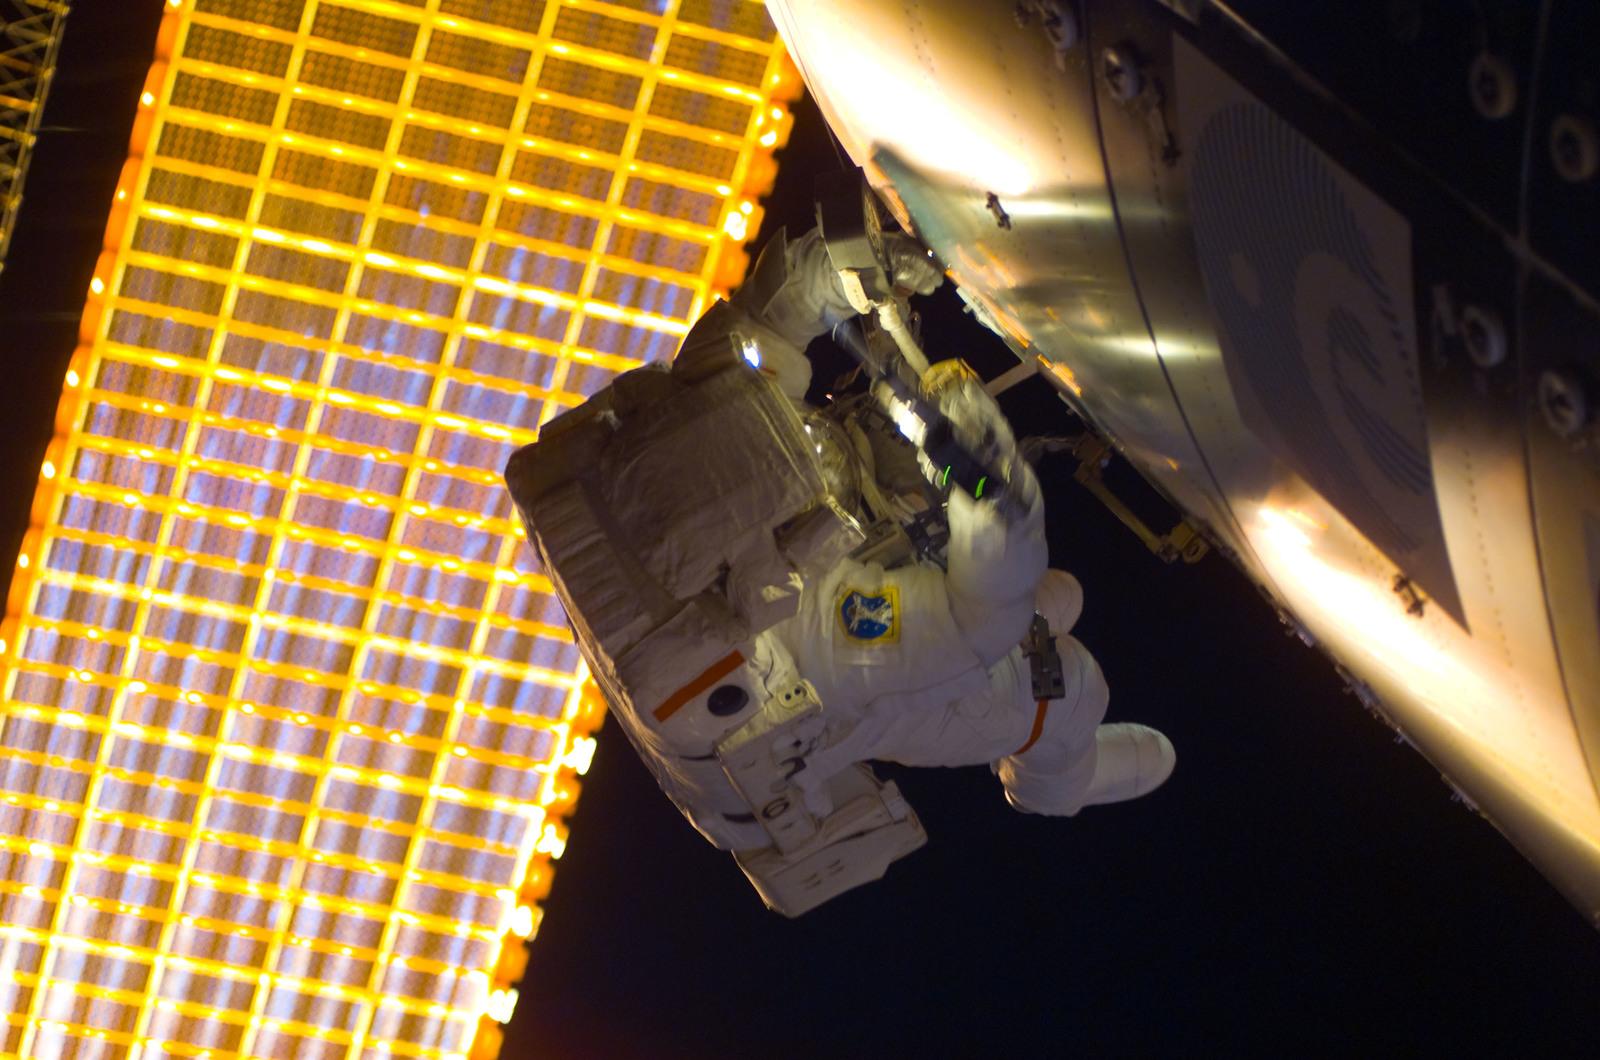 S122E008797 - STS-122 - Walheim during EVA 3